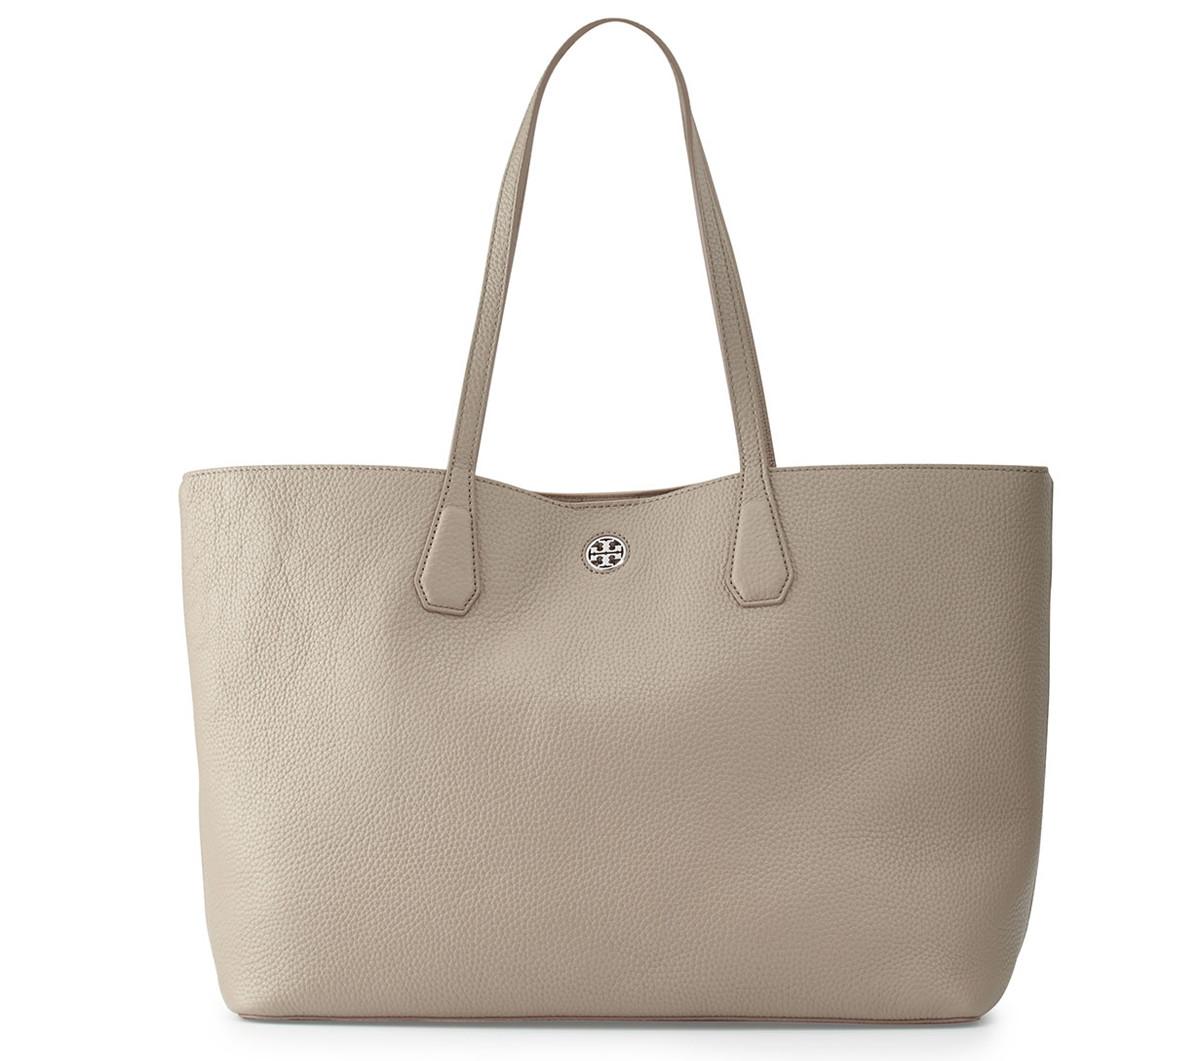 authentic prada purses - PurseBlog - Designer Handbag Reviews and Shopping